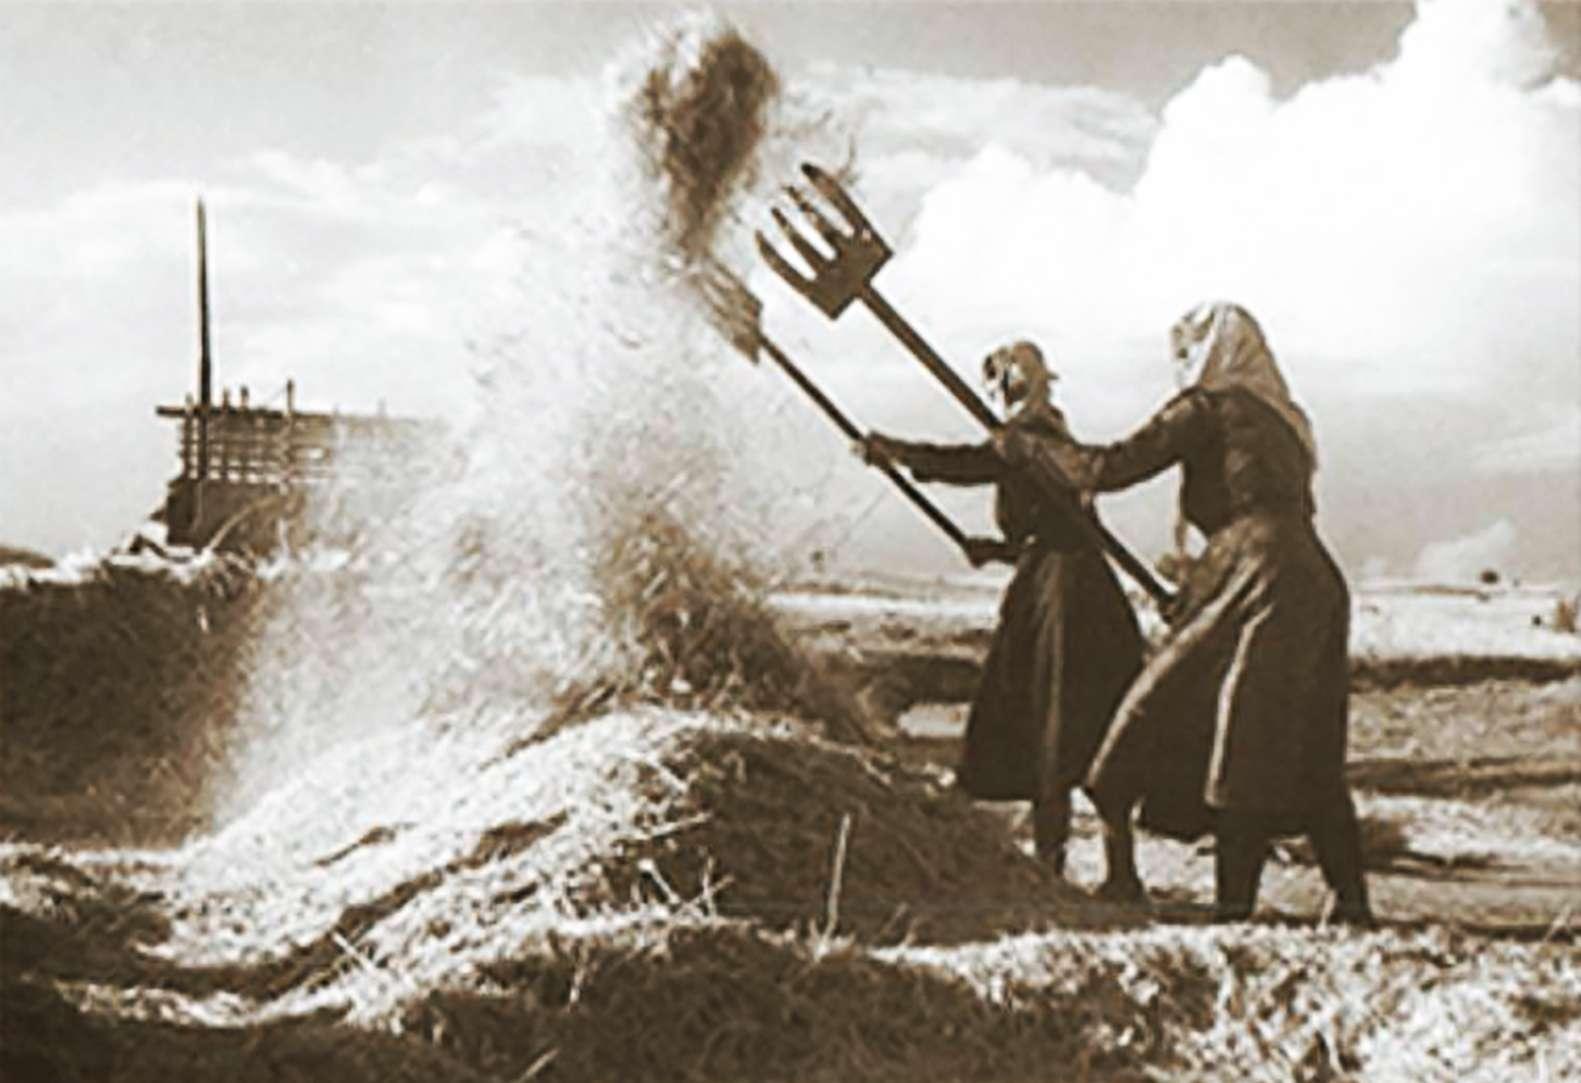 Ο αλωνάρης Ιούλης, Αηλιάτης, Εκατομβαιών και Φουσκομηνάς